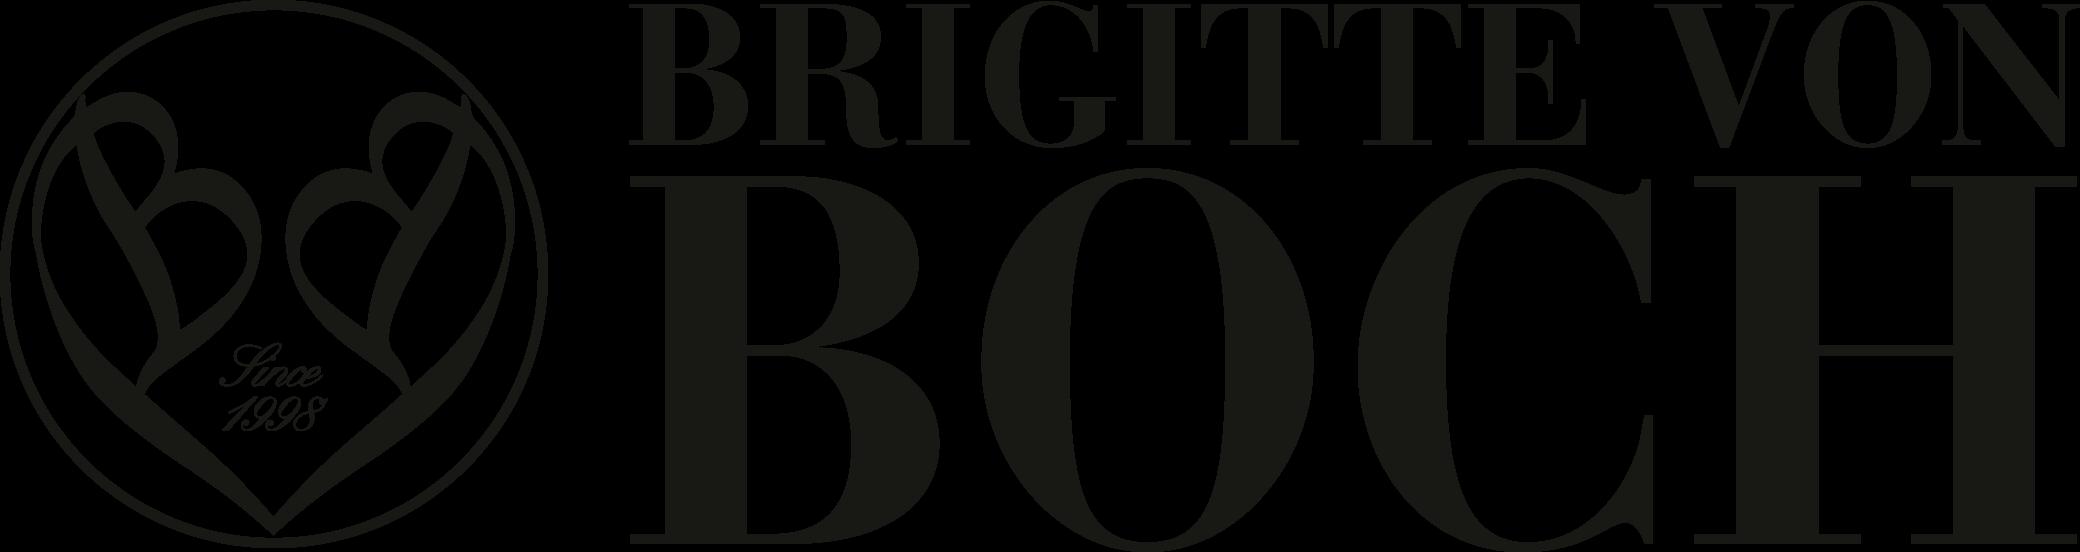 Brigitte von Boch - Webshop